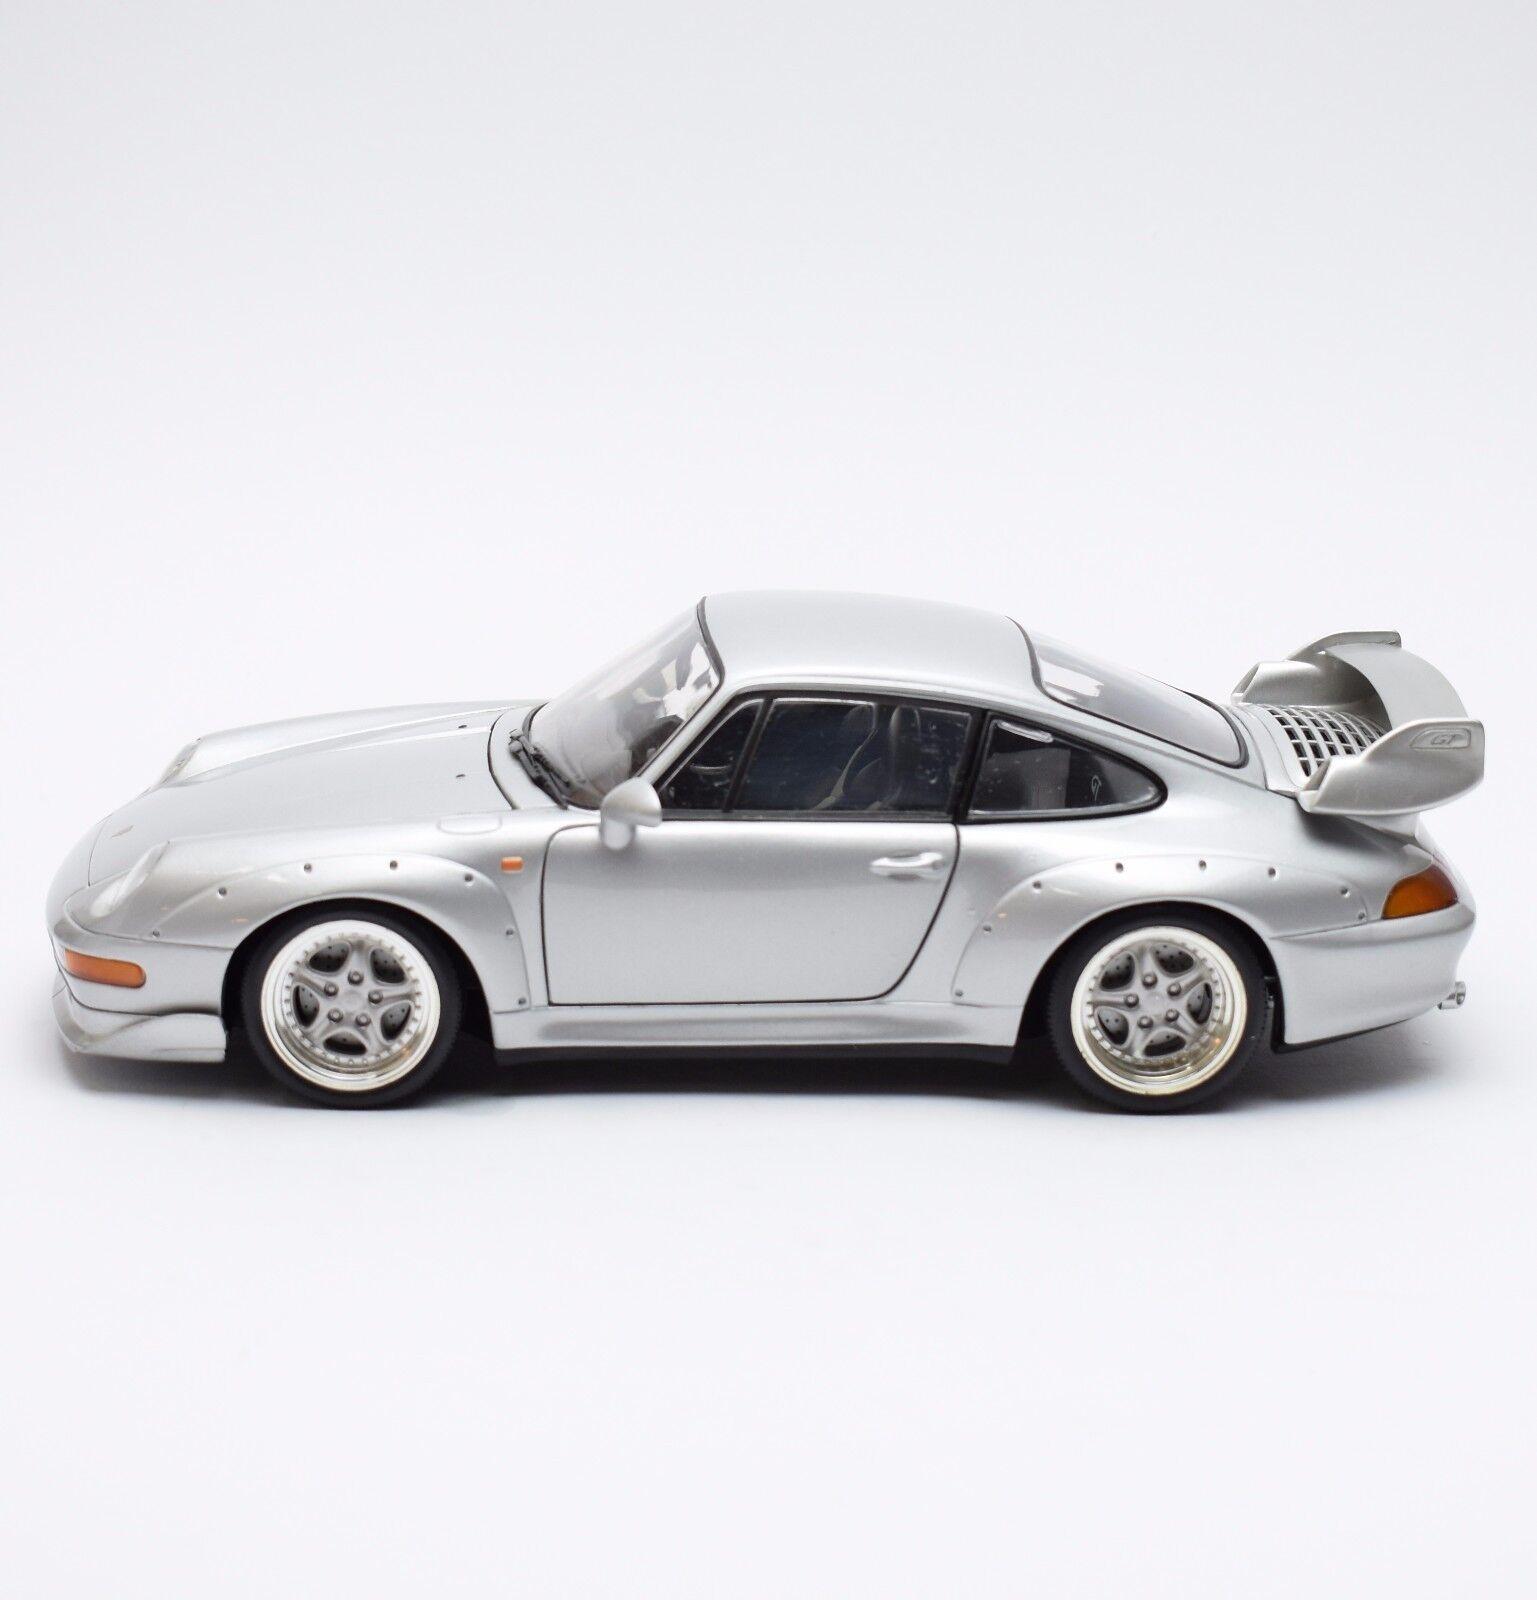 Ut rarità PORSCHE 911 GT auto sportive in argentoo laccato, 1 18, x702